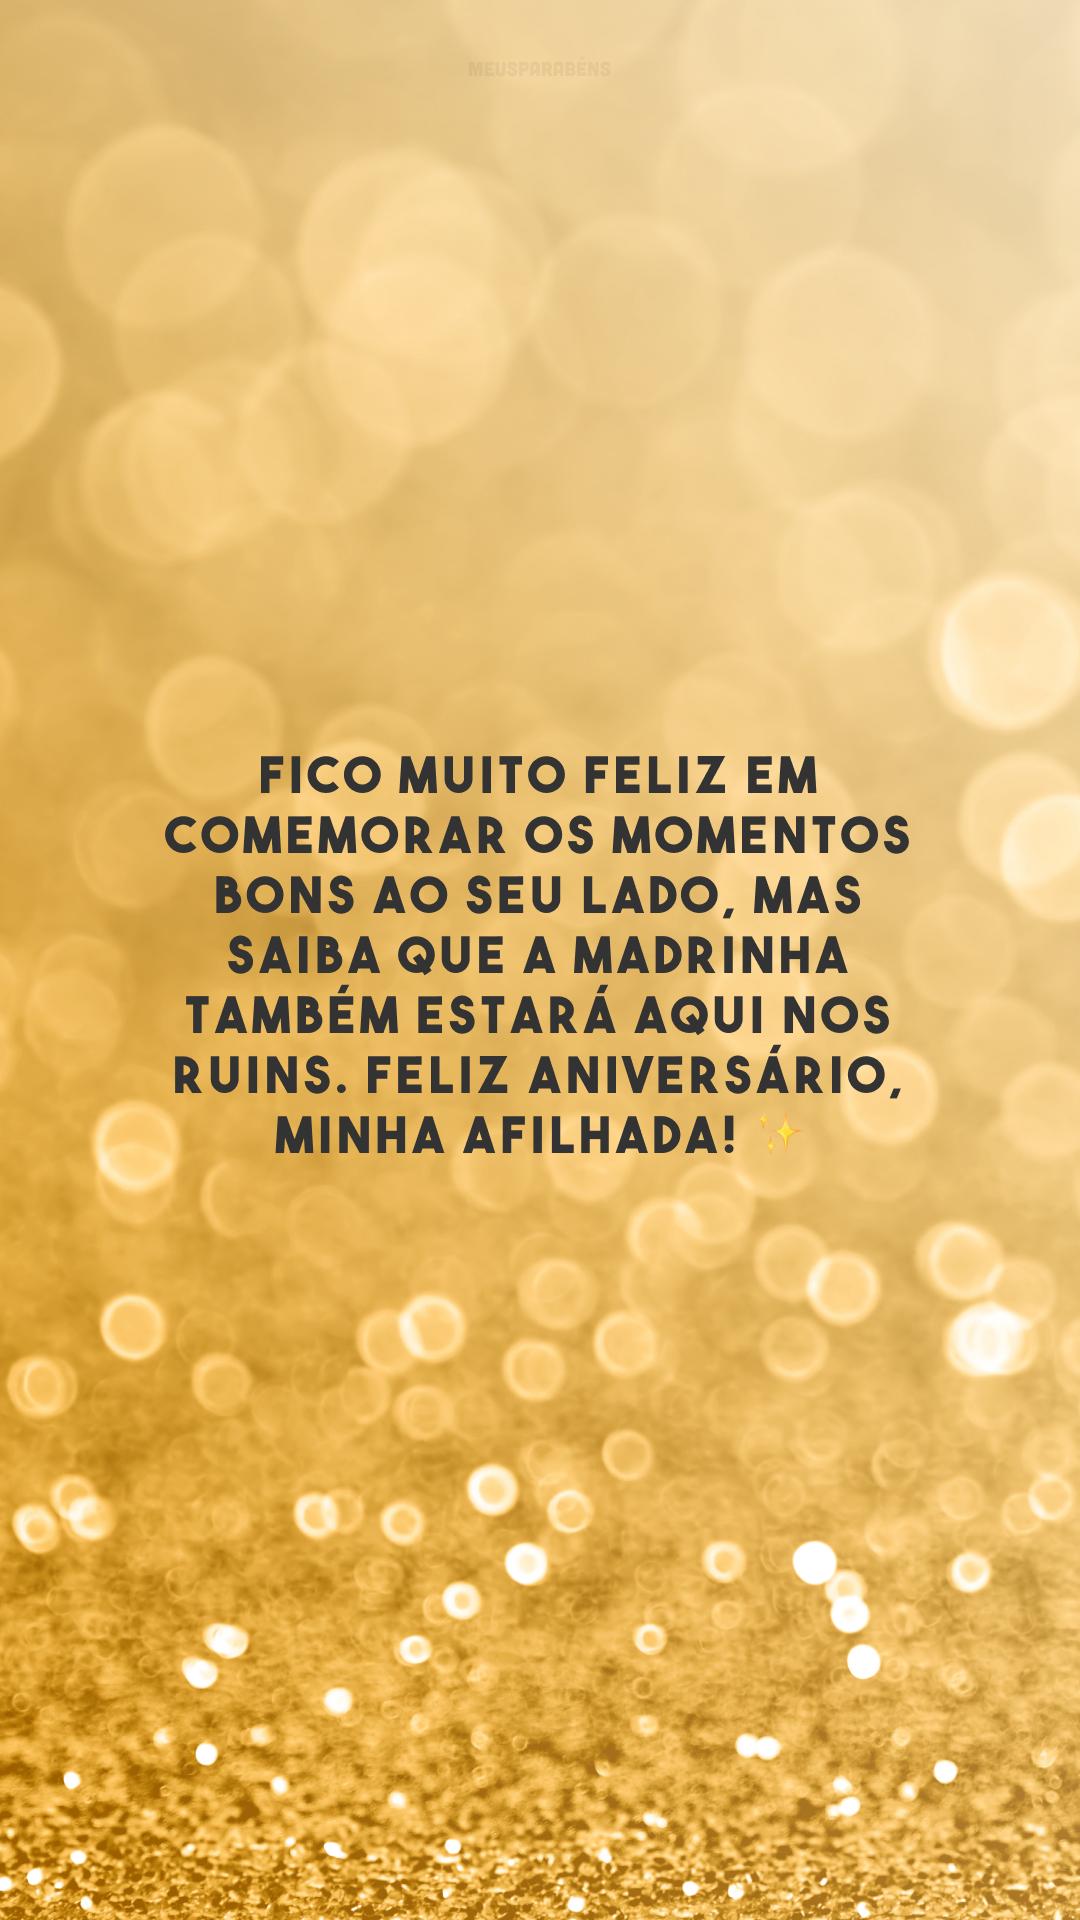 Fico muito feliz em comemorar os momentos bons ao seu lado, mas saiba que a madrinha também estará aqui nos ruins. Feliz aniversário, minha afilhada! ✨